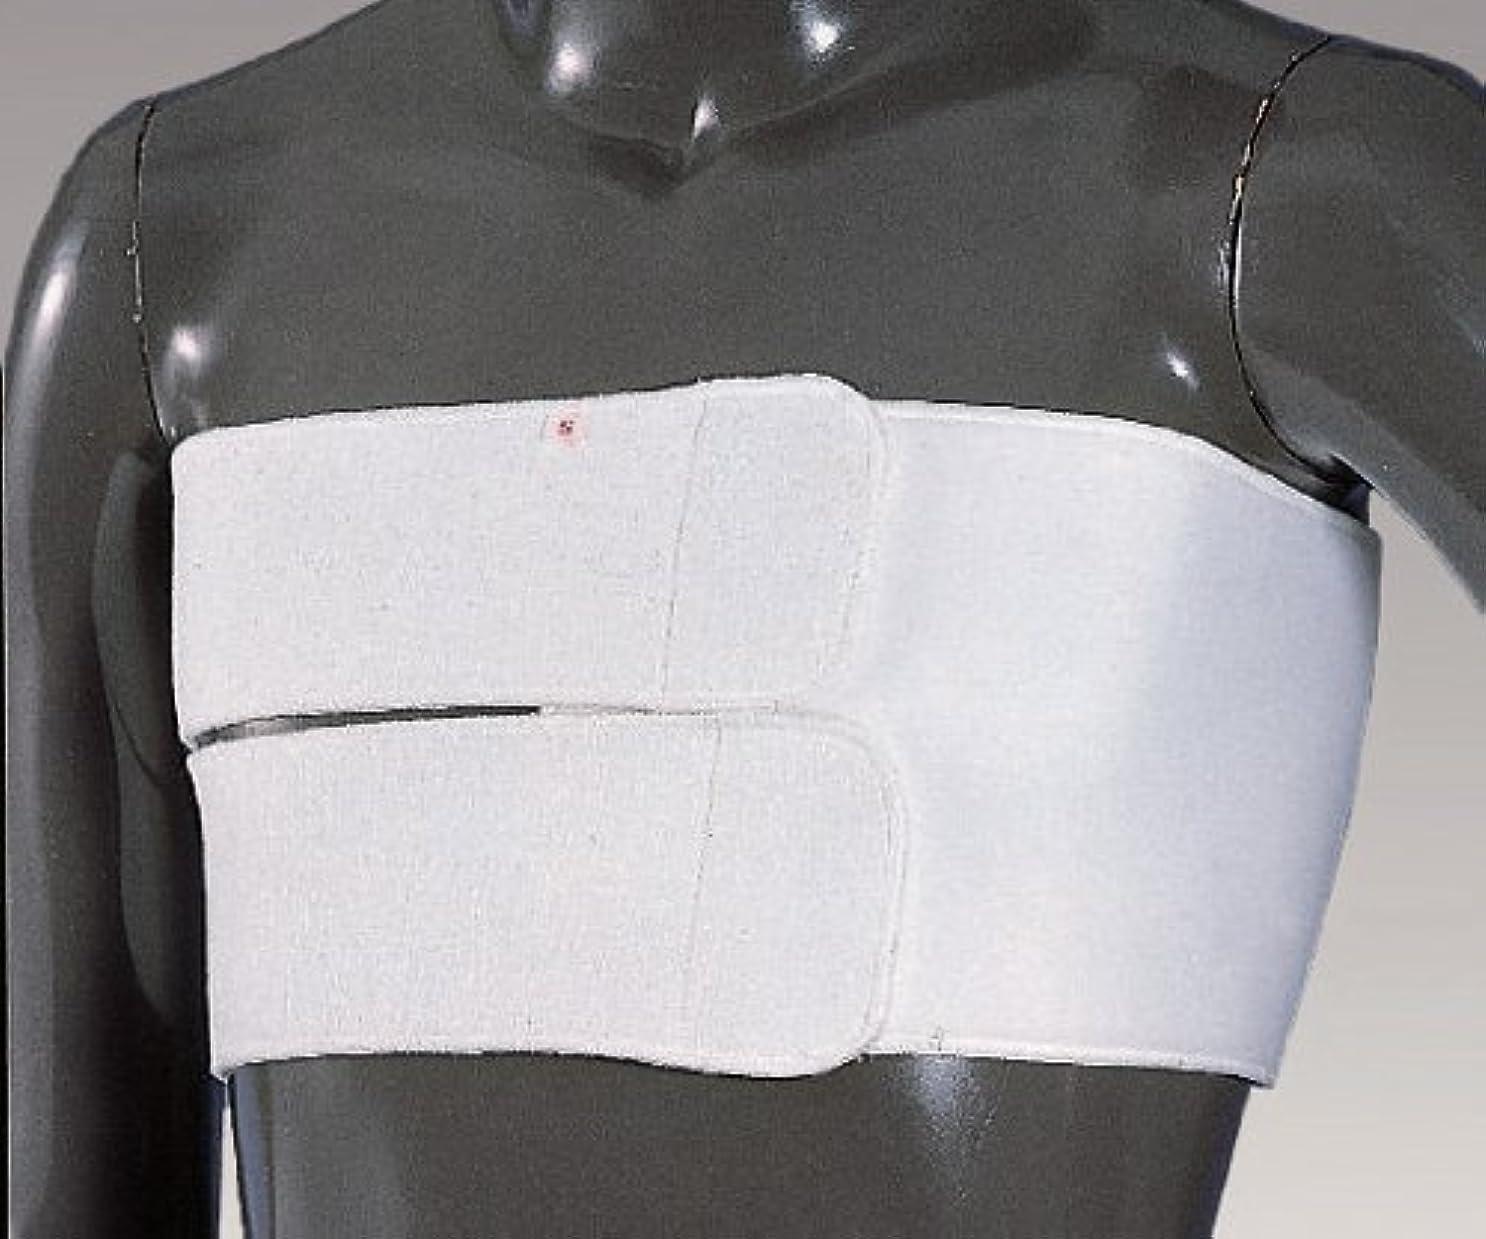 飢え過度に暖かく日本衛材 胸部固定帯バストタイエース L 80cm~100cm 1個 593